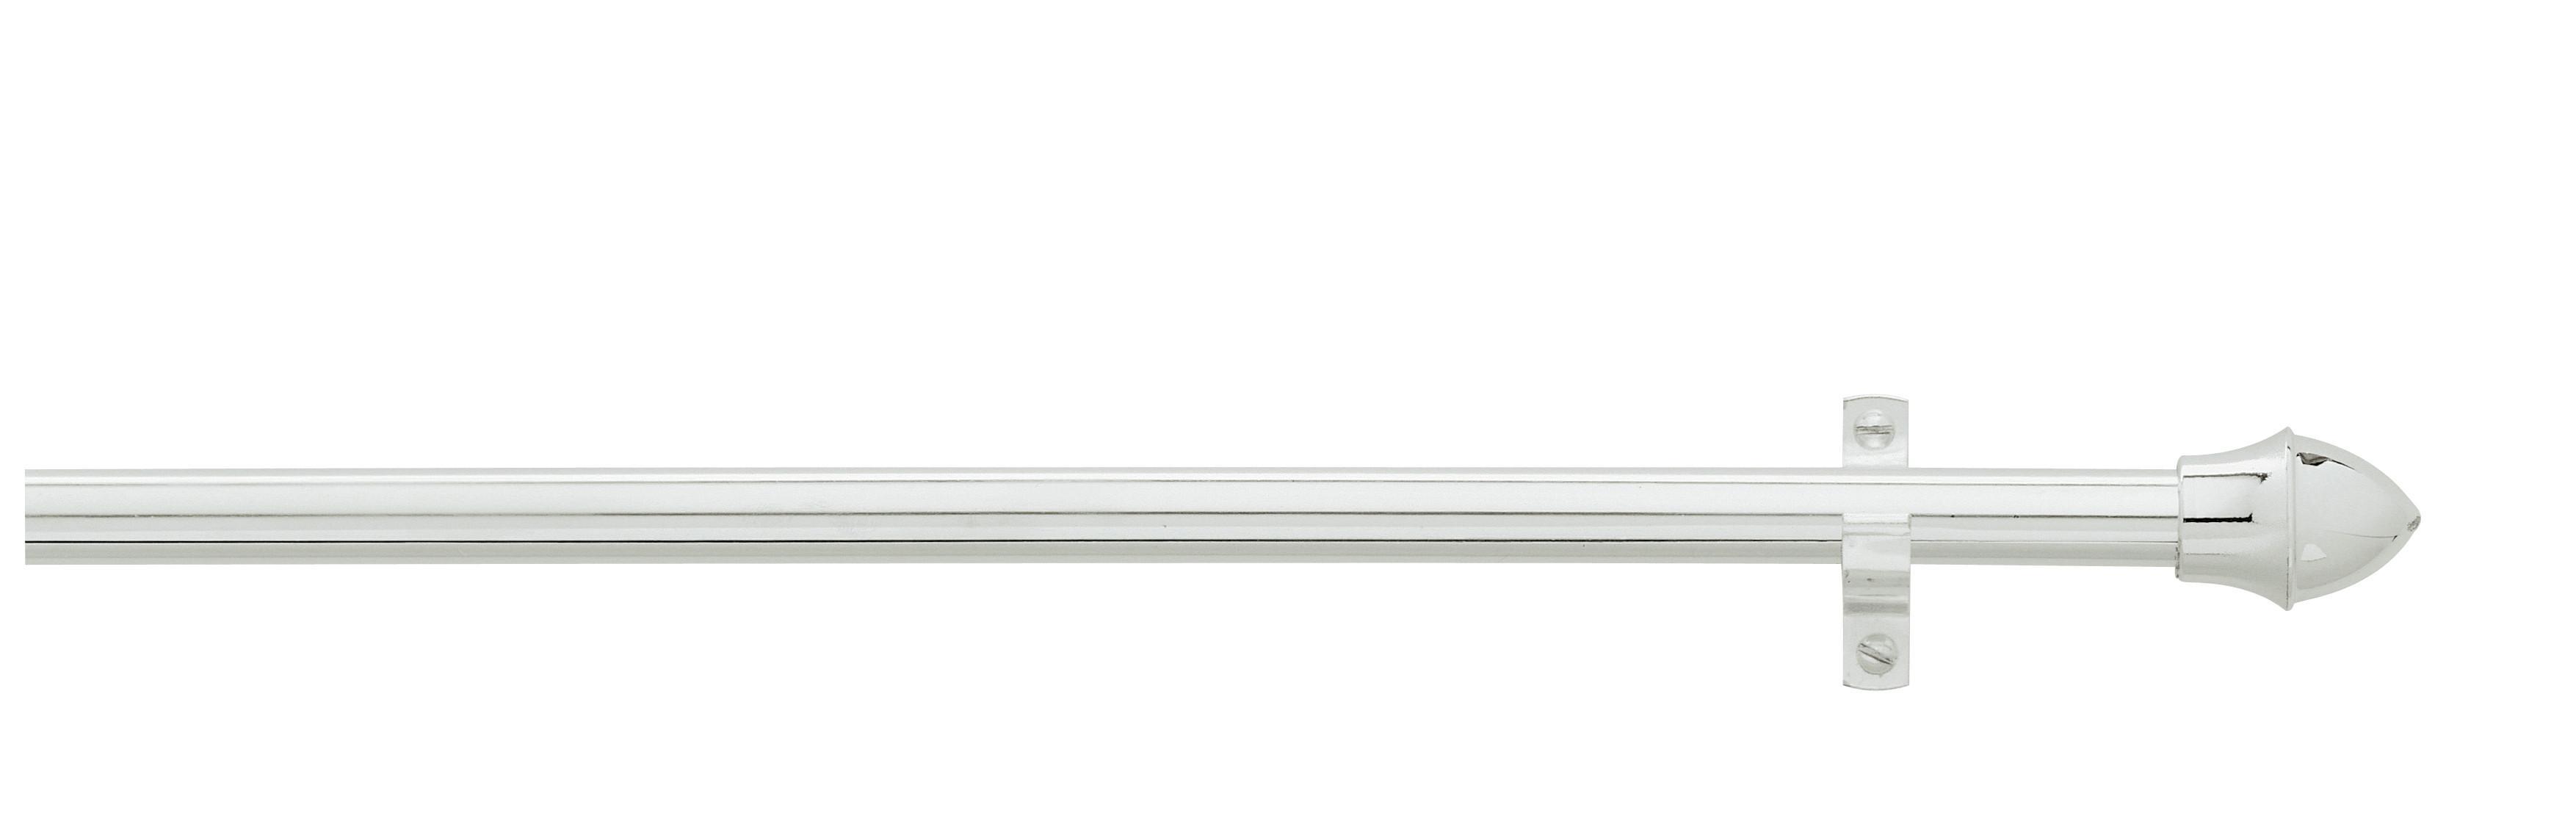 Vitragenstange Weiß - Weiß, KONVENTIONELL, Kunststoff/Metall (55cm) - MÖBELIX